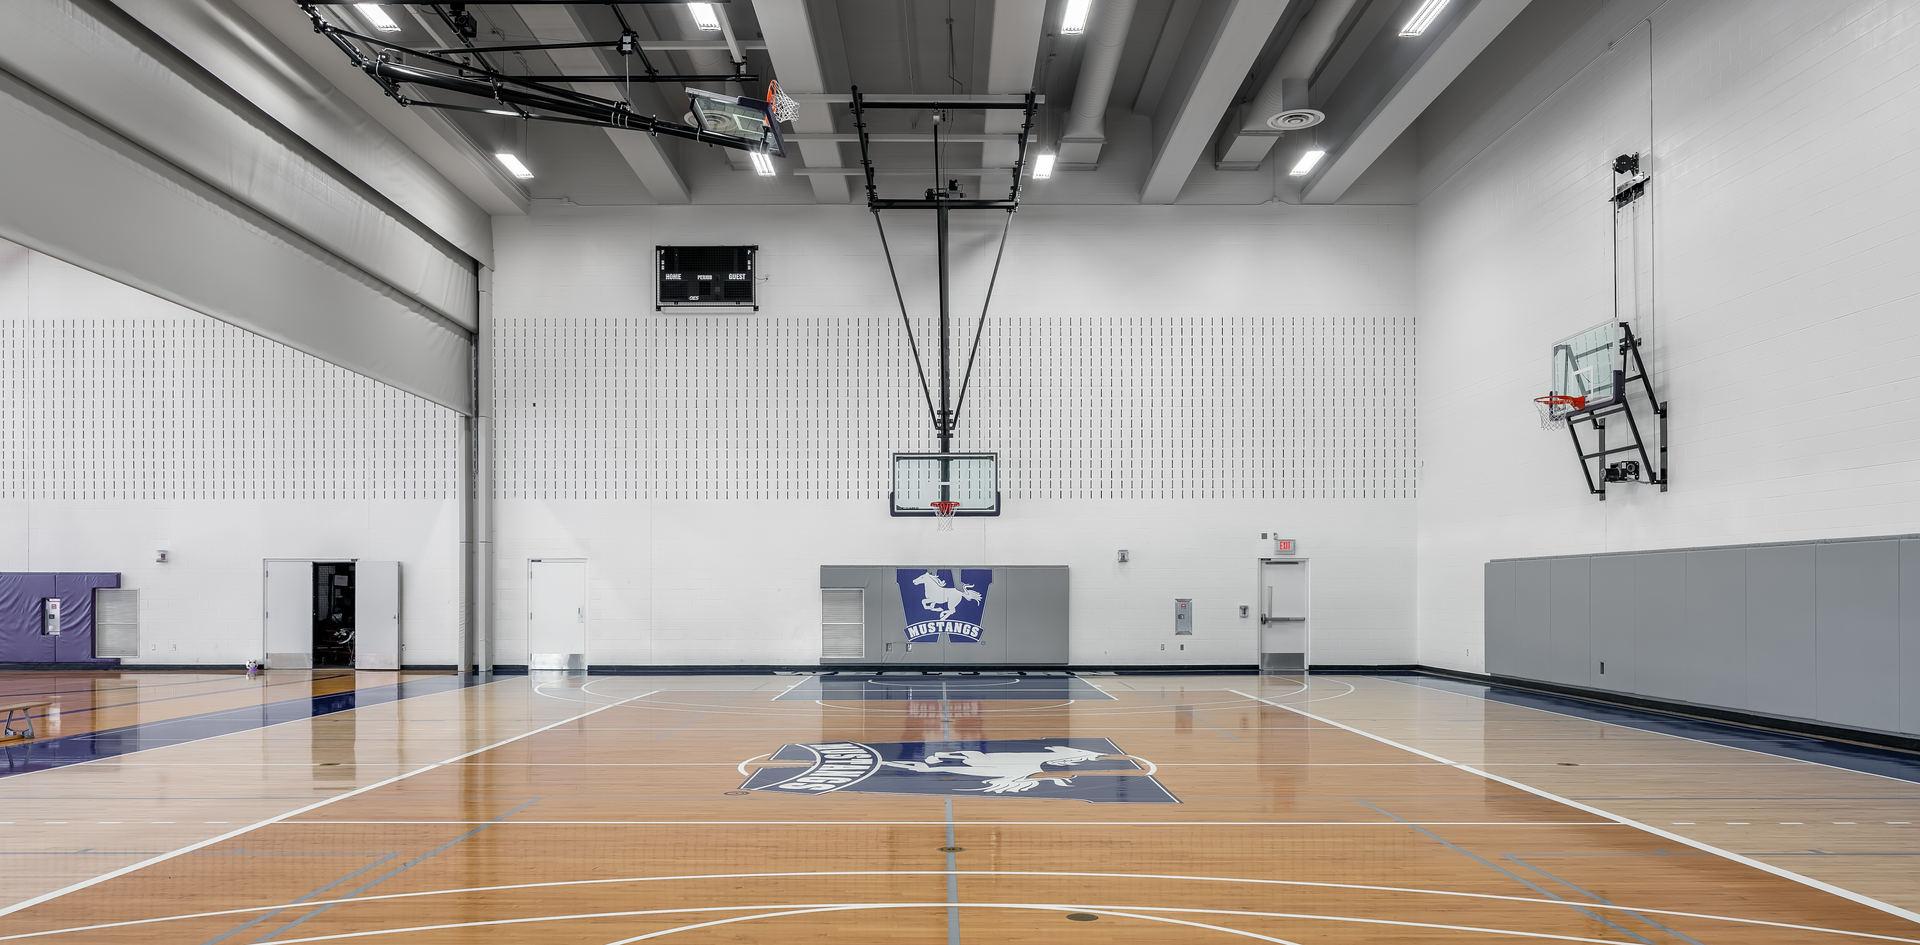 wsrc-interior-gyms-2019-a-1.jpg